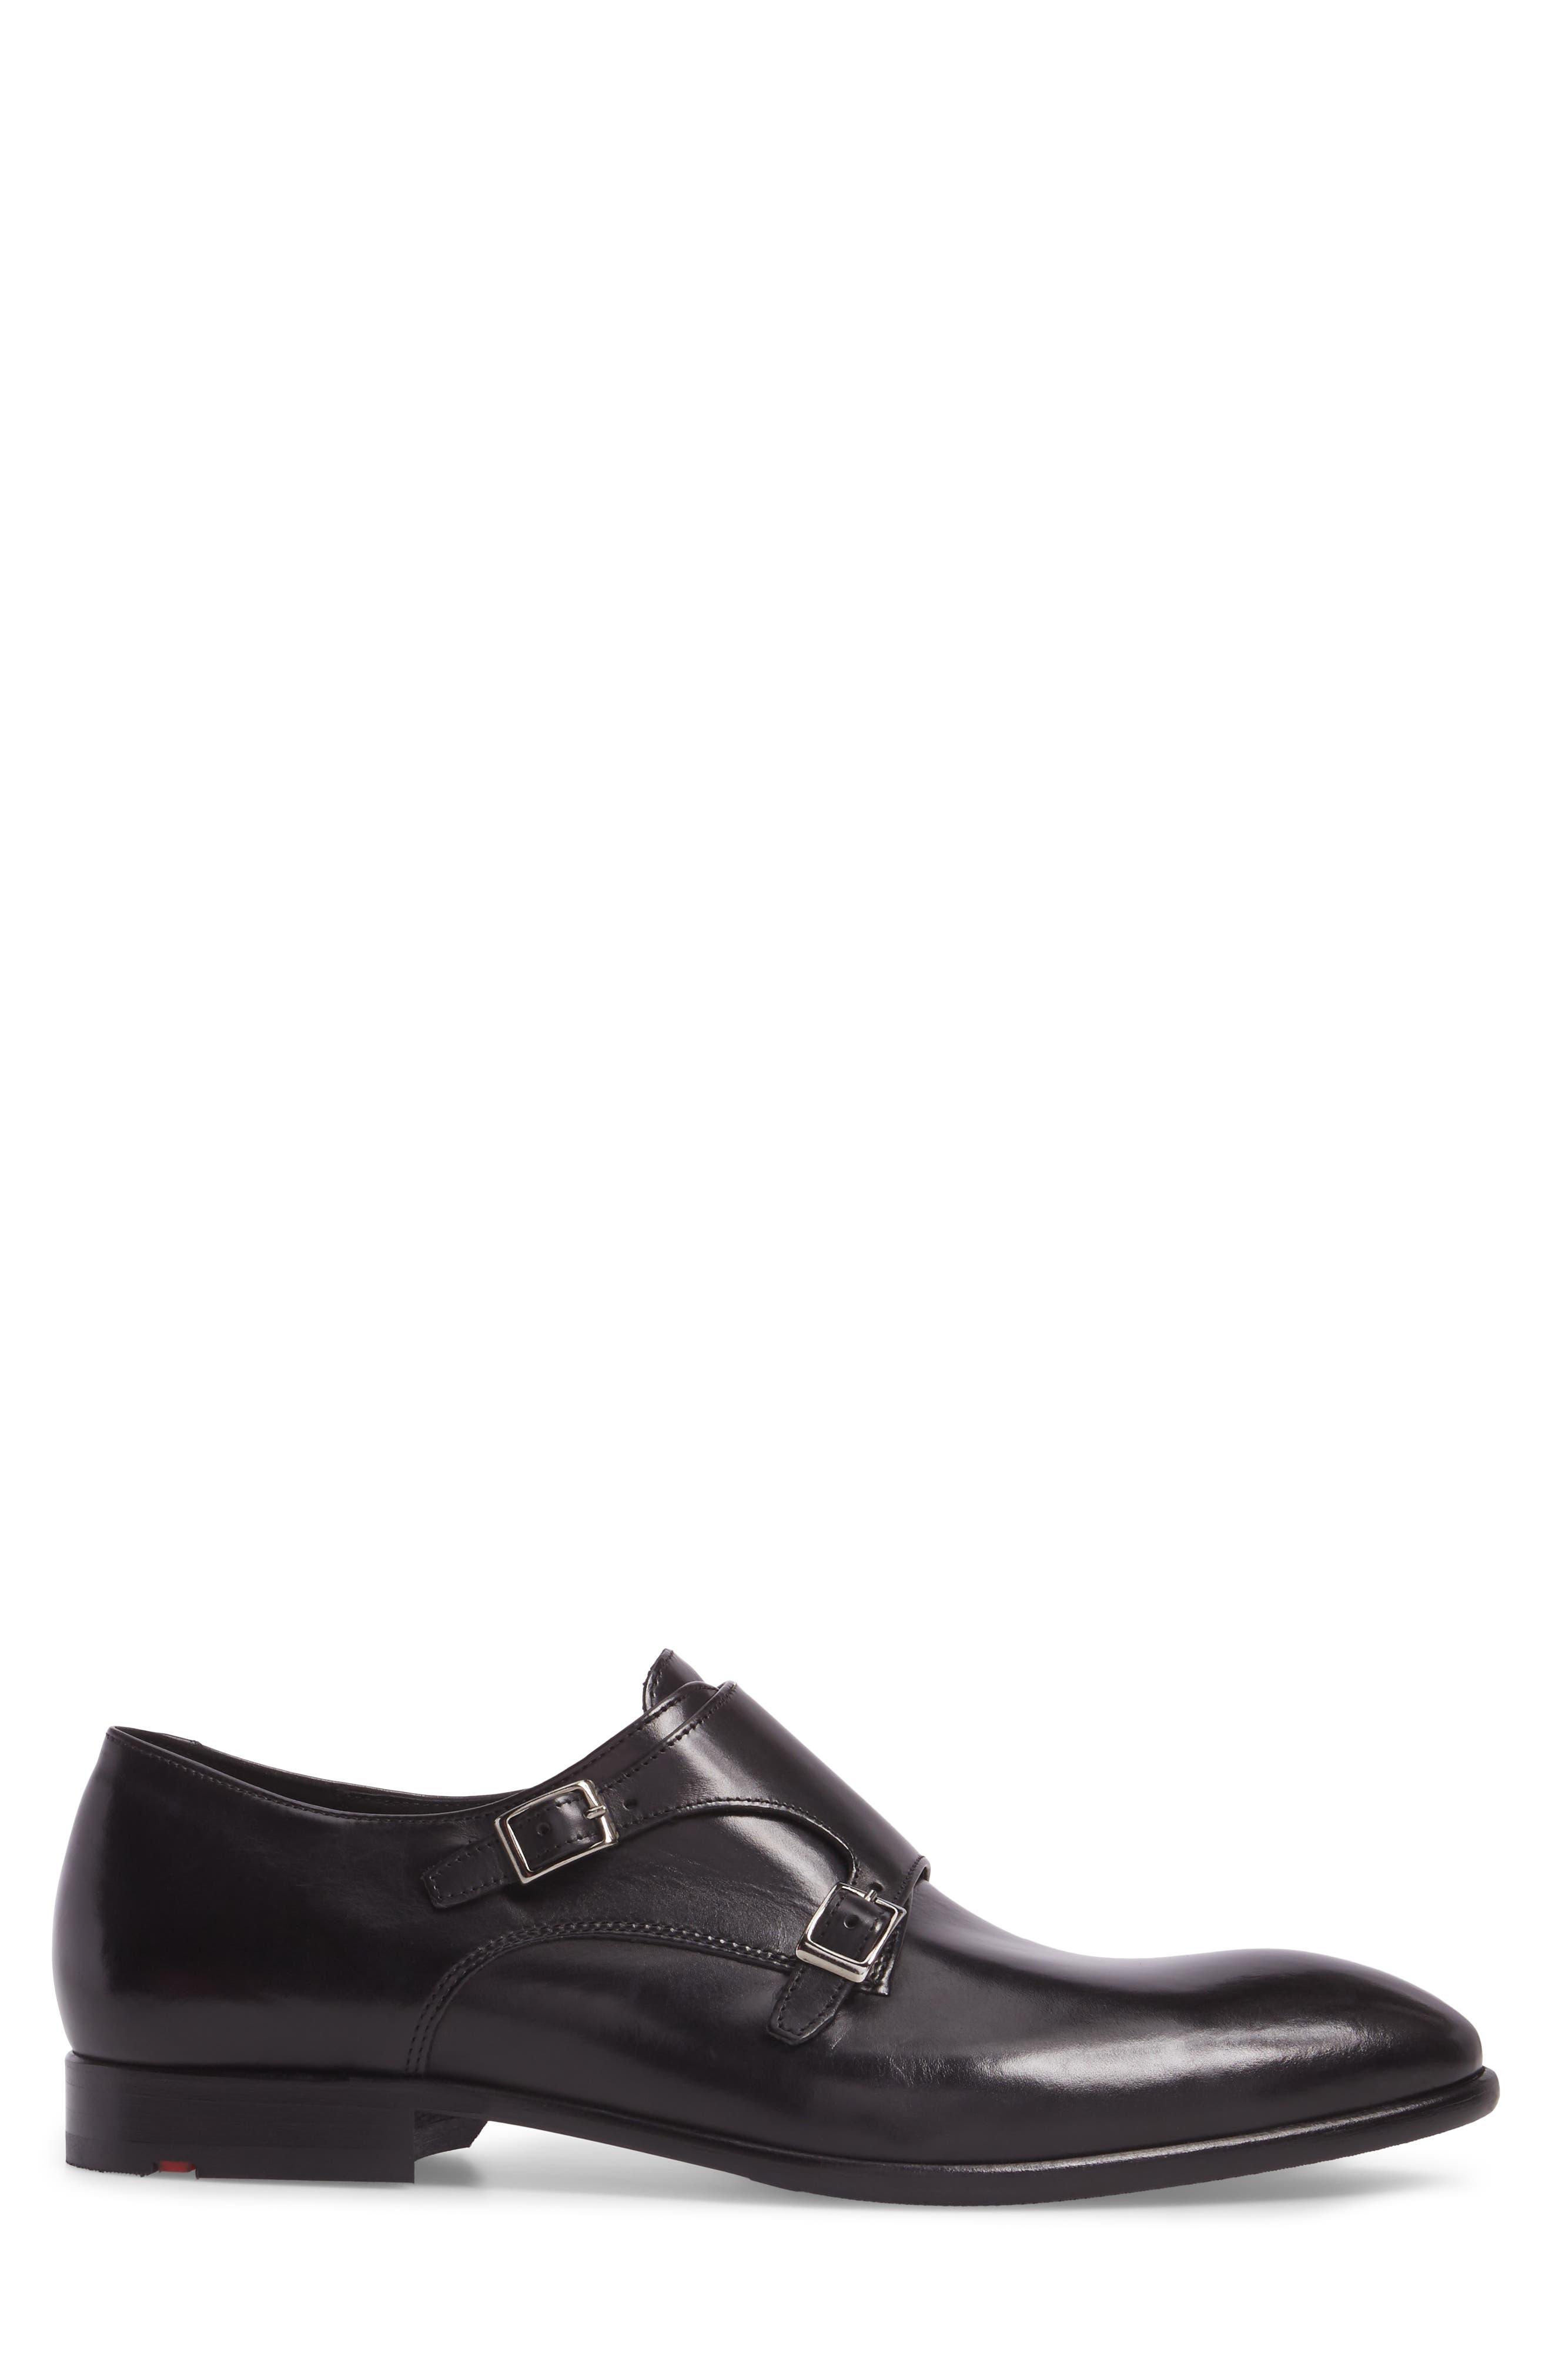 Michael Double Monk Strap Shoe,                             Alternate thumbnail 3, color,                             BLACK LEATHER